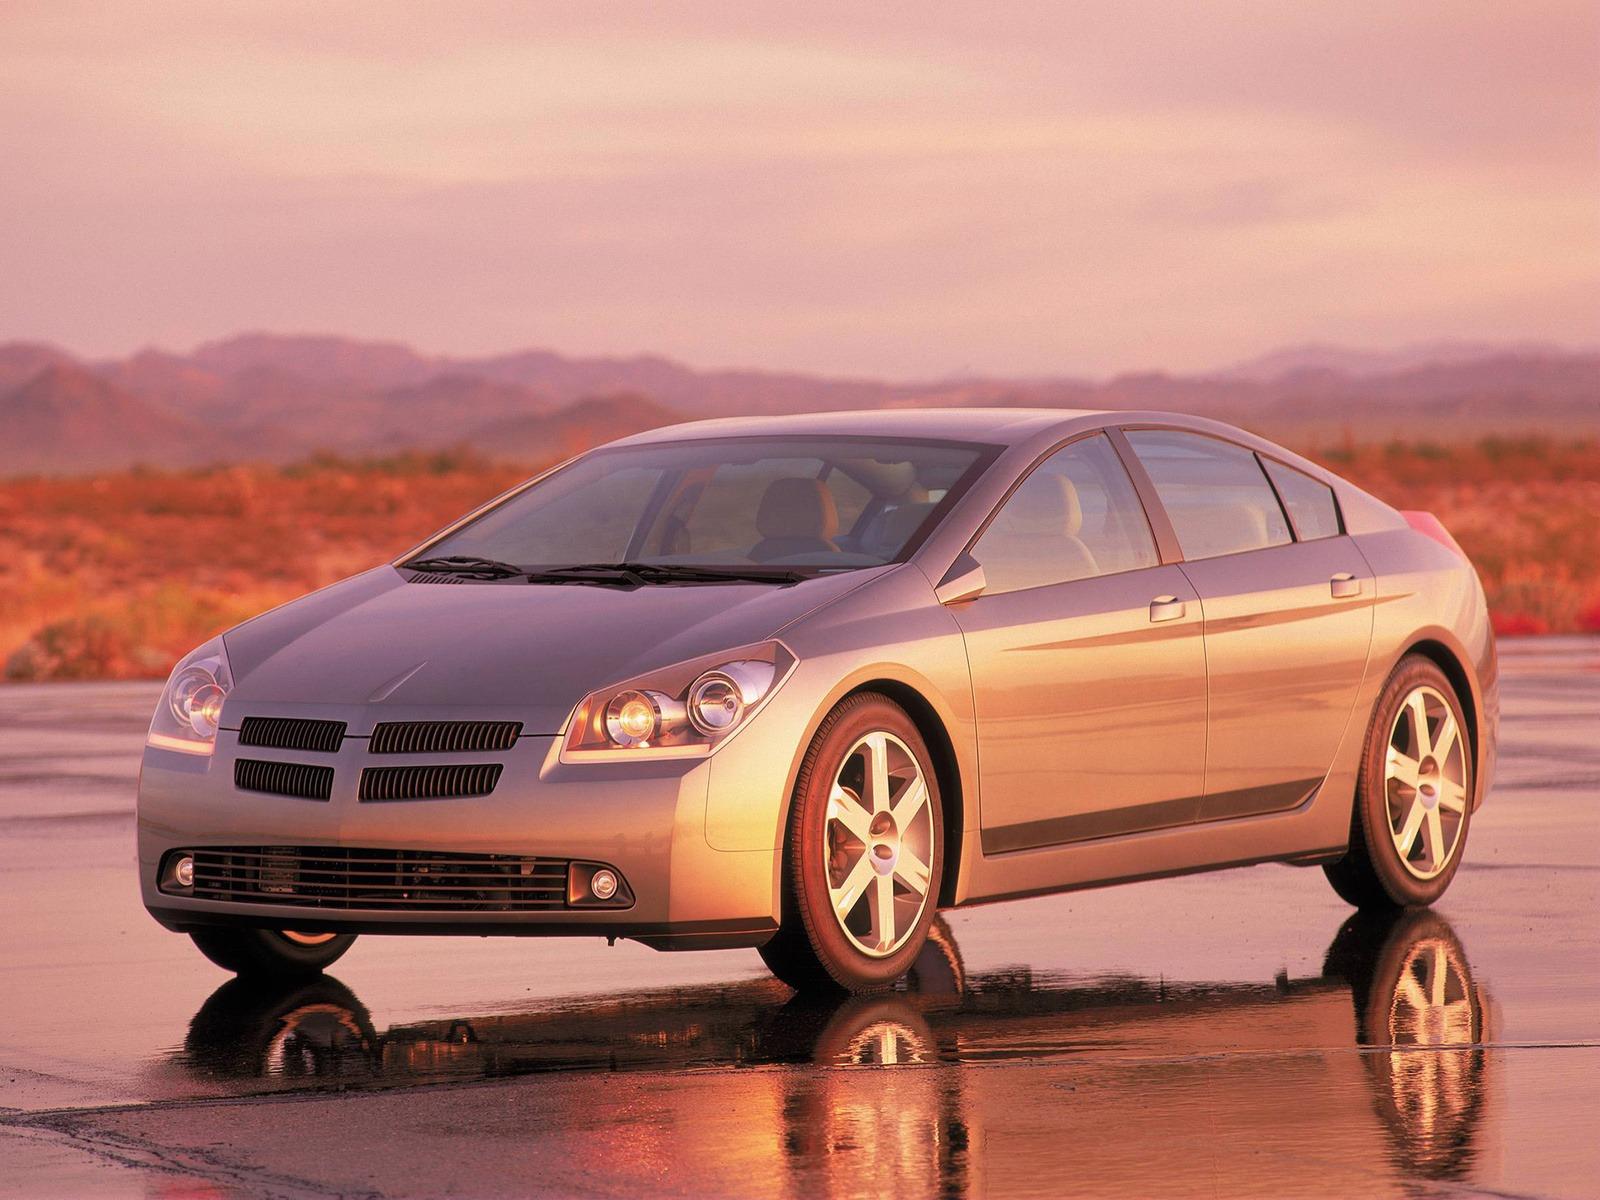 Dodge Intrepid ESX3 Concept (2000)